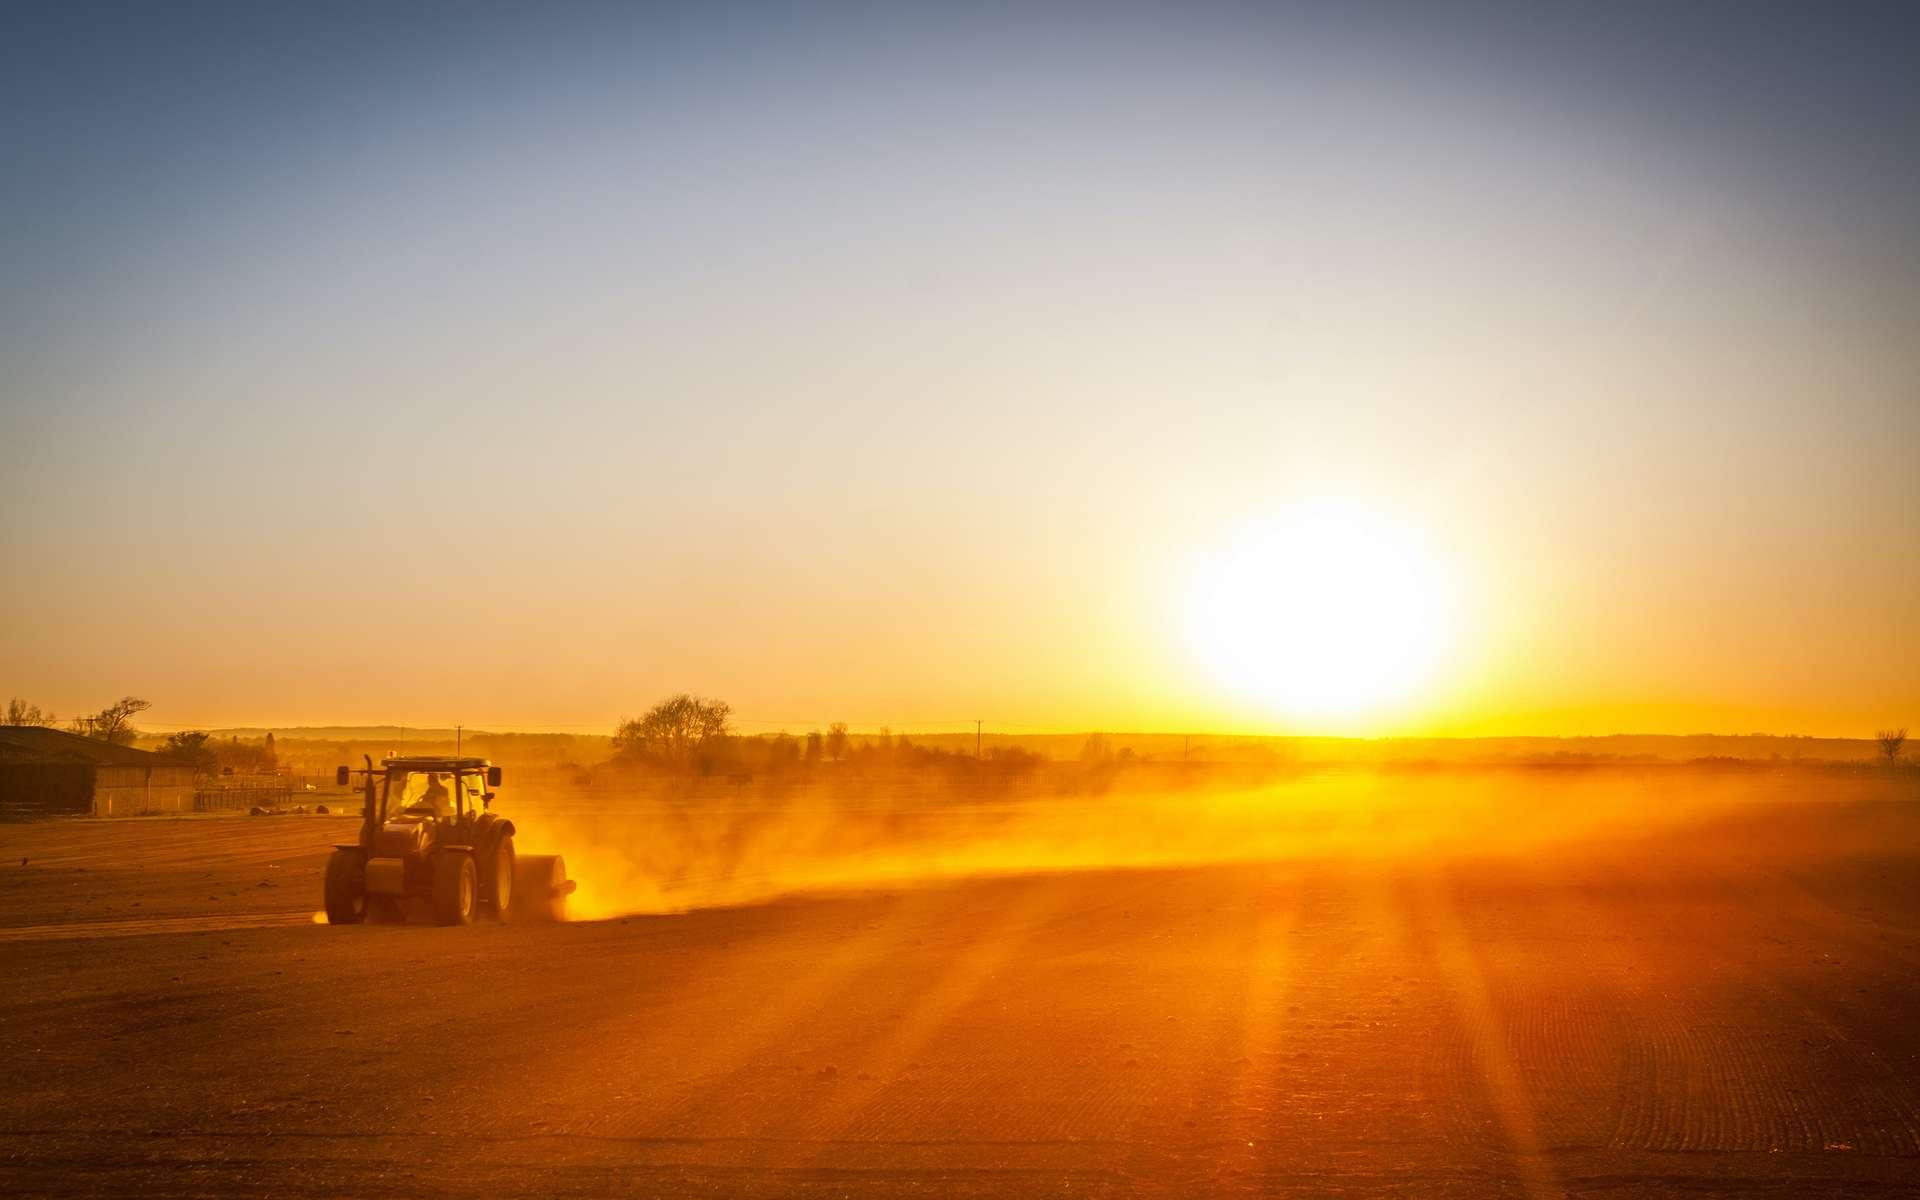 L'agriculture, principale responsable des émissions mondiales de protoxyde d'azote. © allouphoto, Adobe Stock